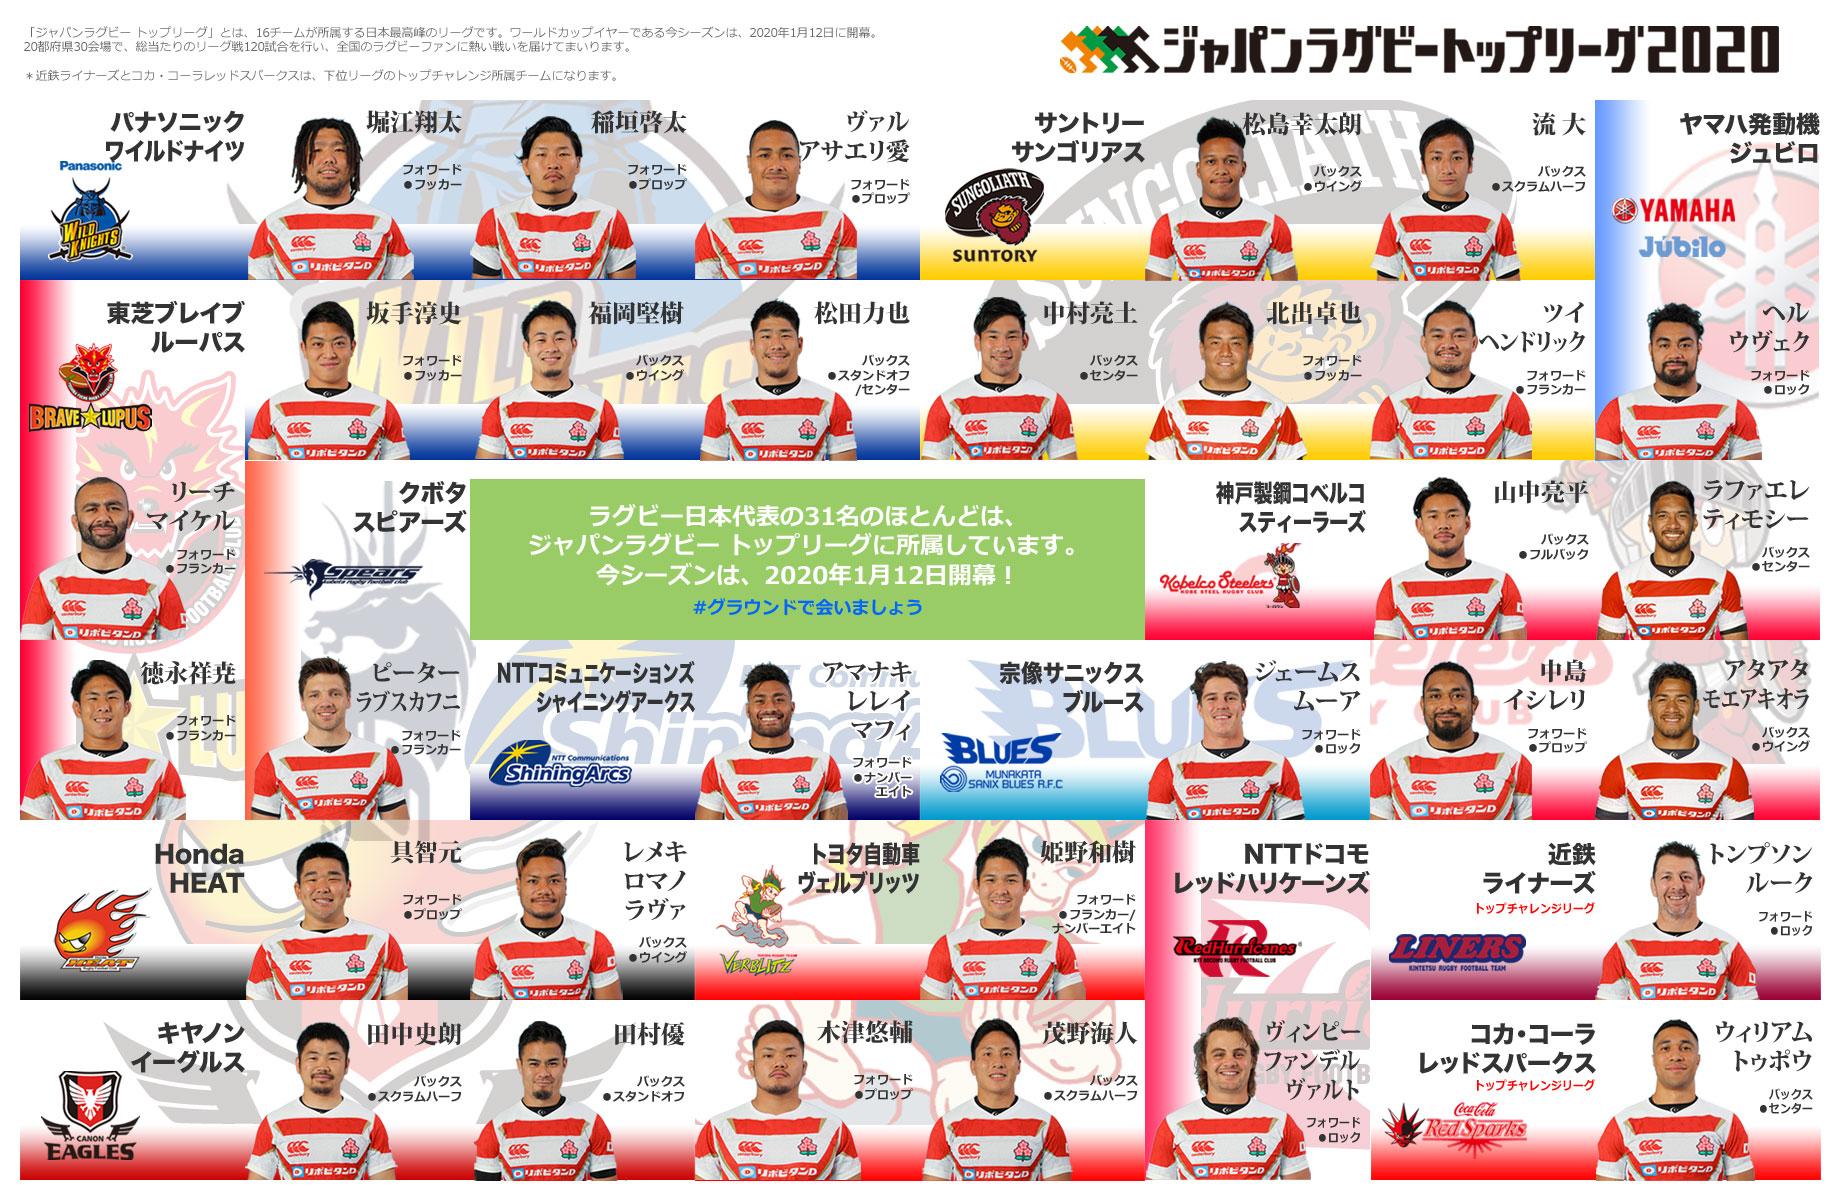 ラグビー日本代表の所属チームが一目でわかる画像